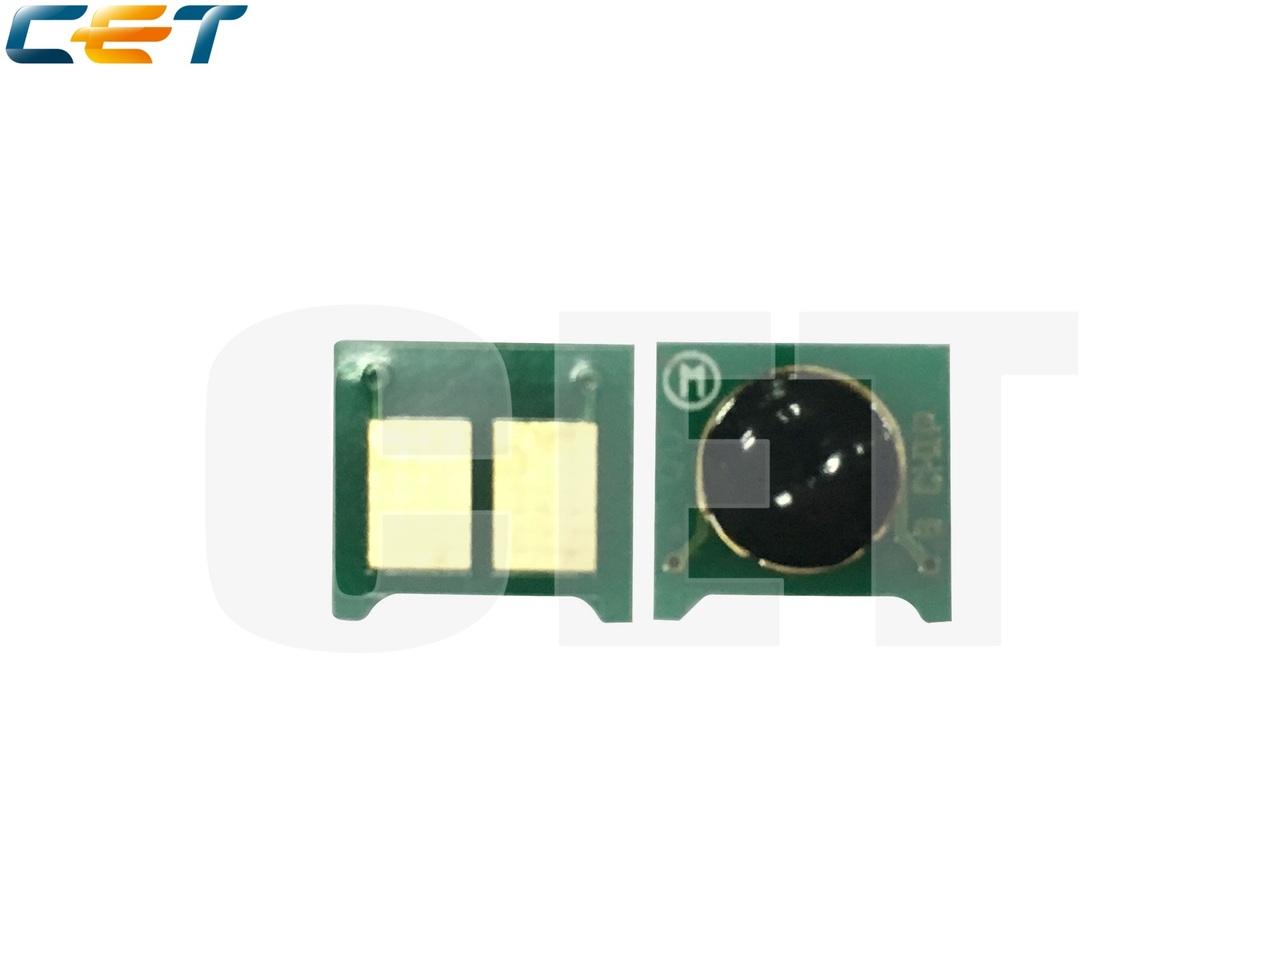 Чип картриджа CB435A, CB436A, CE285A, CE278A, CC364A,CE255A, CE505A для HP LaserJetP1005/P1006/P1505/P2035/P2055/P4015/P1102/P1566/P1606/P3015 (CET), (WW), (унив.), 1.5K/2K/1.5K/1.6K/2.1K/10K/6K/2.3K,CET0969